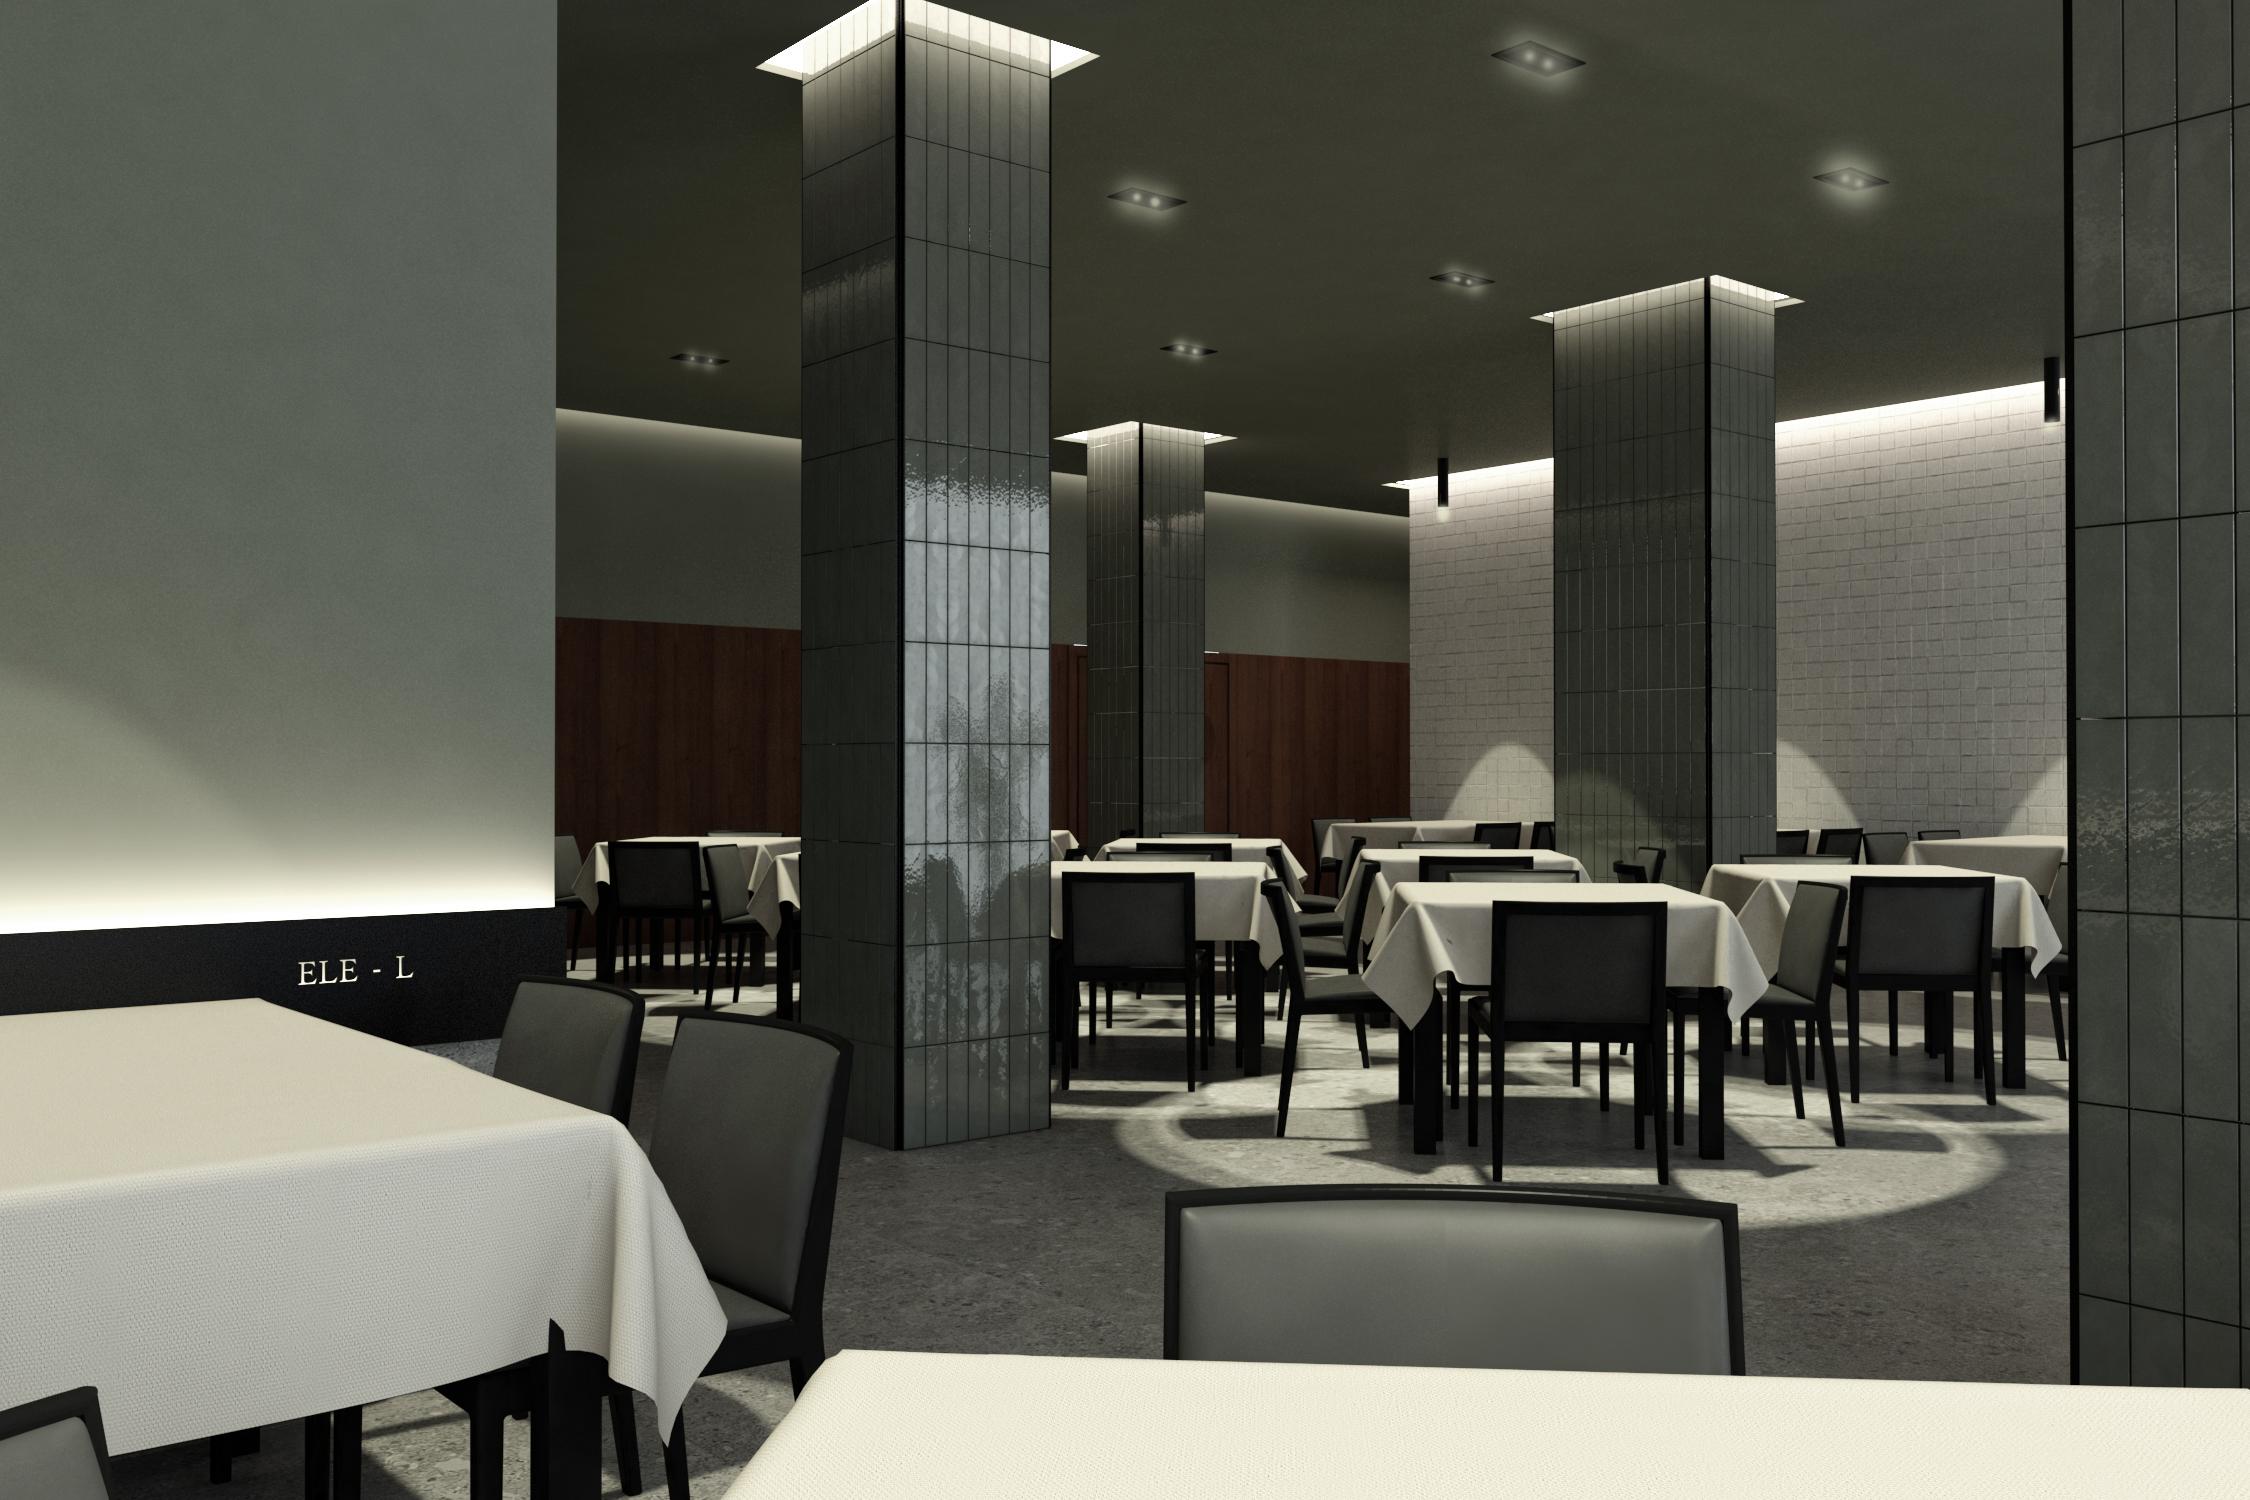 proyecto de reforma interior de un restaurante en Zaragoza realizado por el estudio de arquitectura diseño e interiorismo A54insitu ubicado en Las Armas Zaragoza